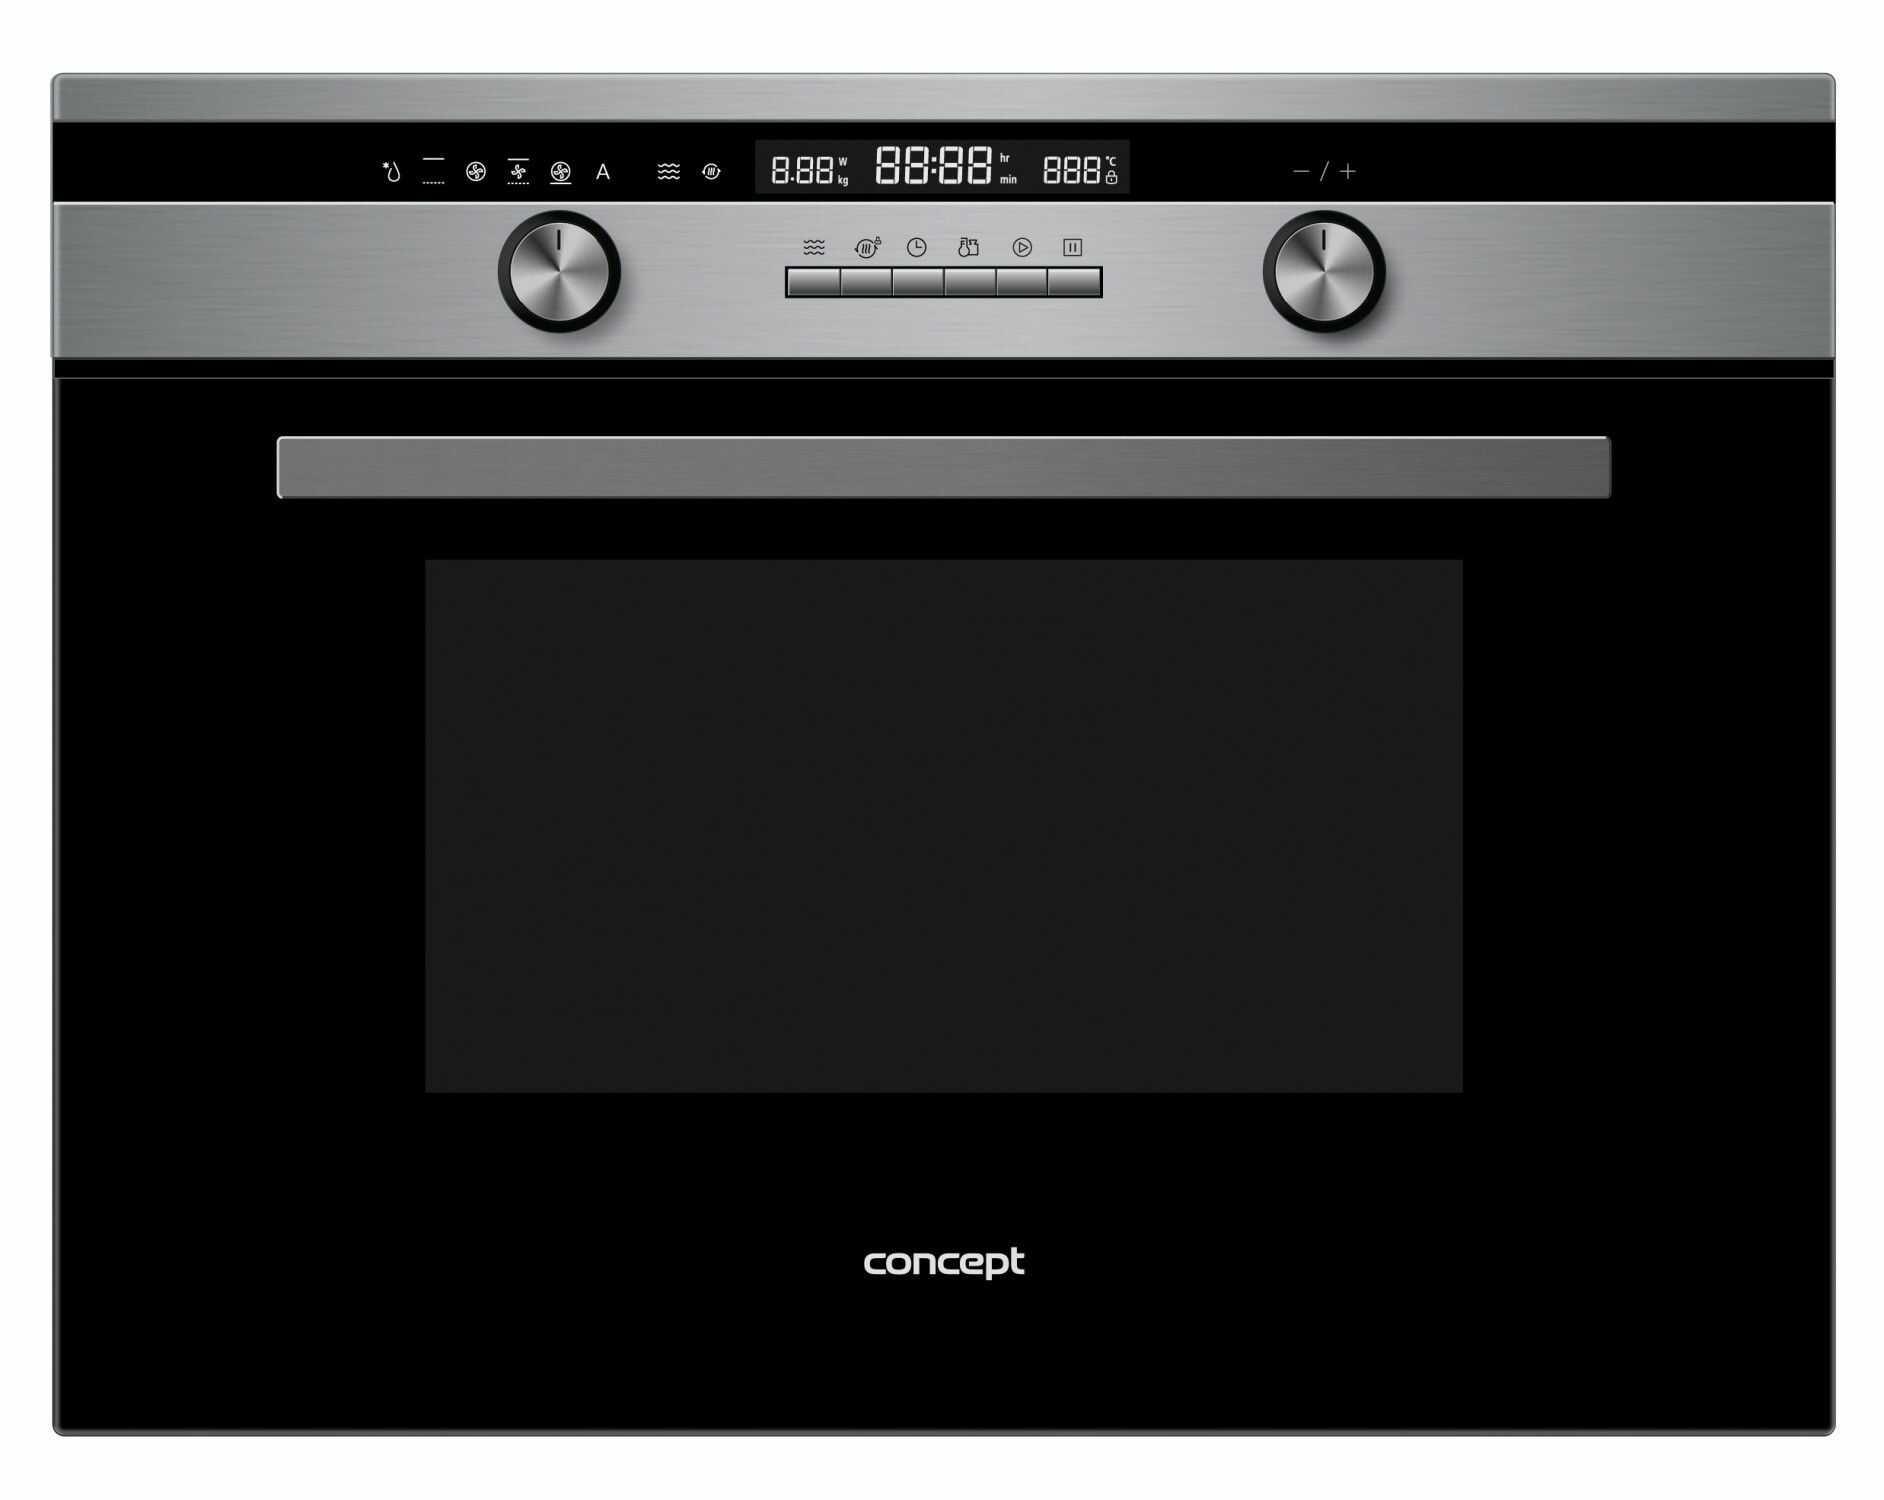 Piekarnik Concept KTV 4444 I tel. (22) 266 82 20 I Raty 0 % I Bezpieczne zakupy I Płatności online !